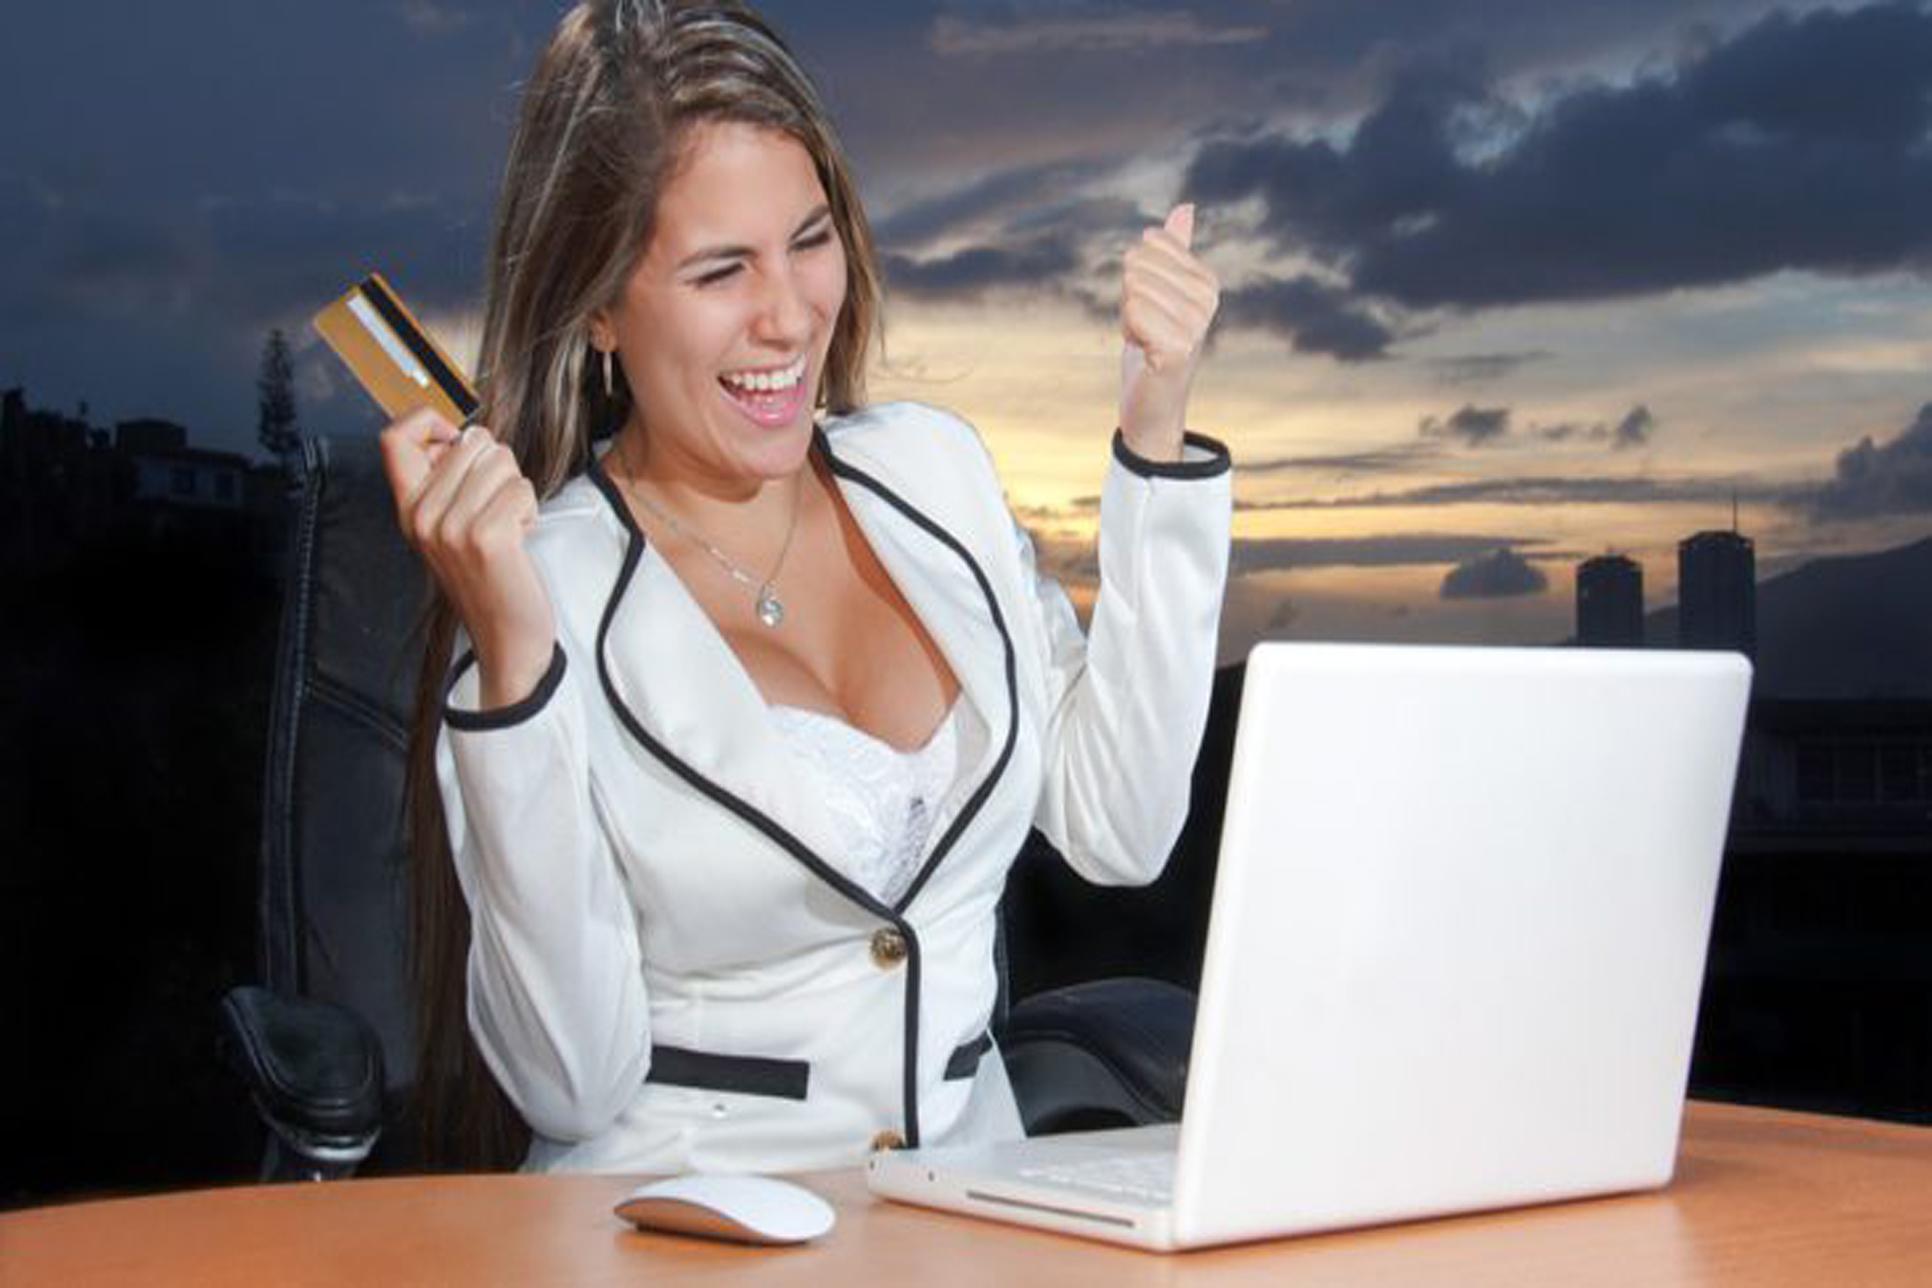 obtenir facilement un prêt sans justificatif